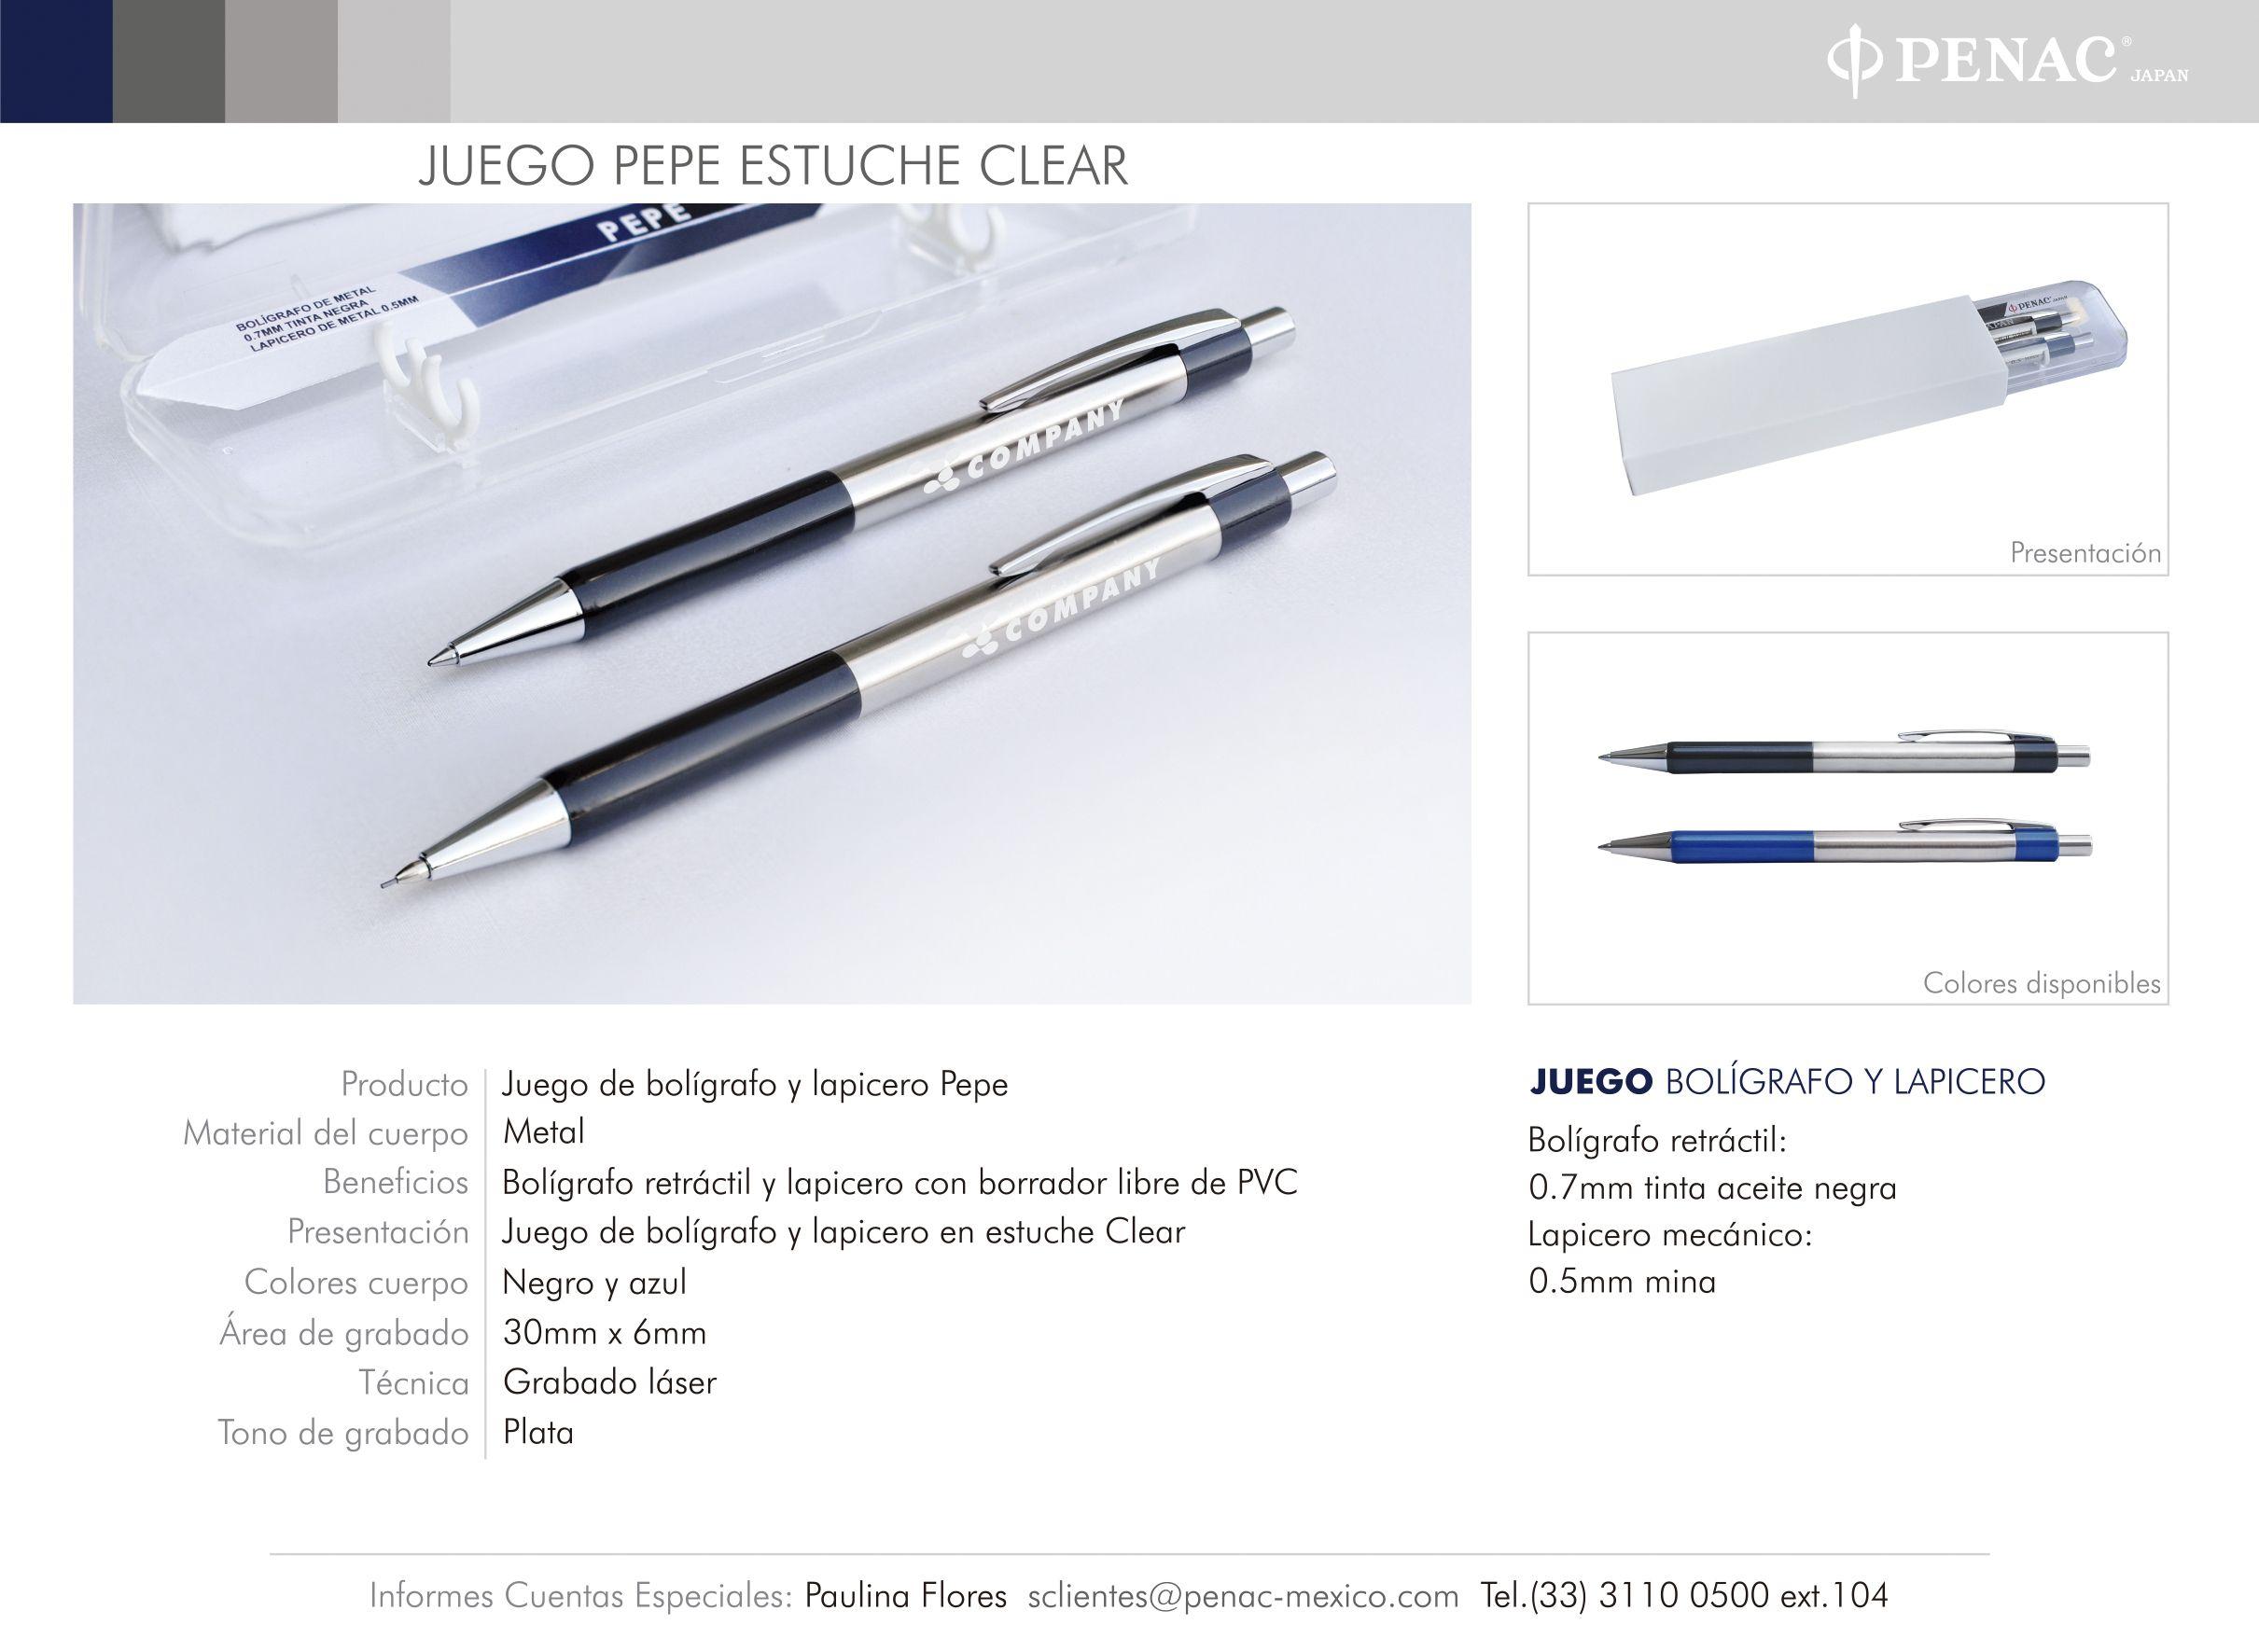 Promocionales Corporativos Juego Pépé Estuche Clear